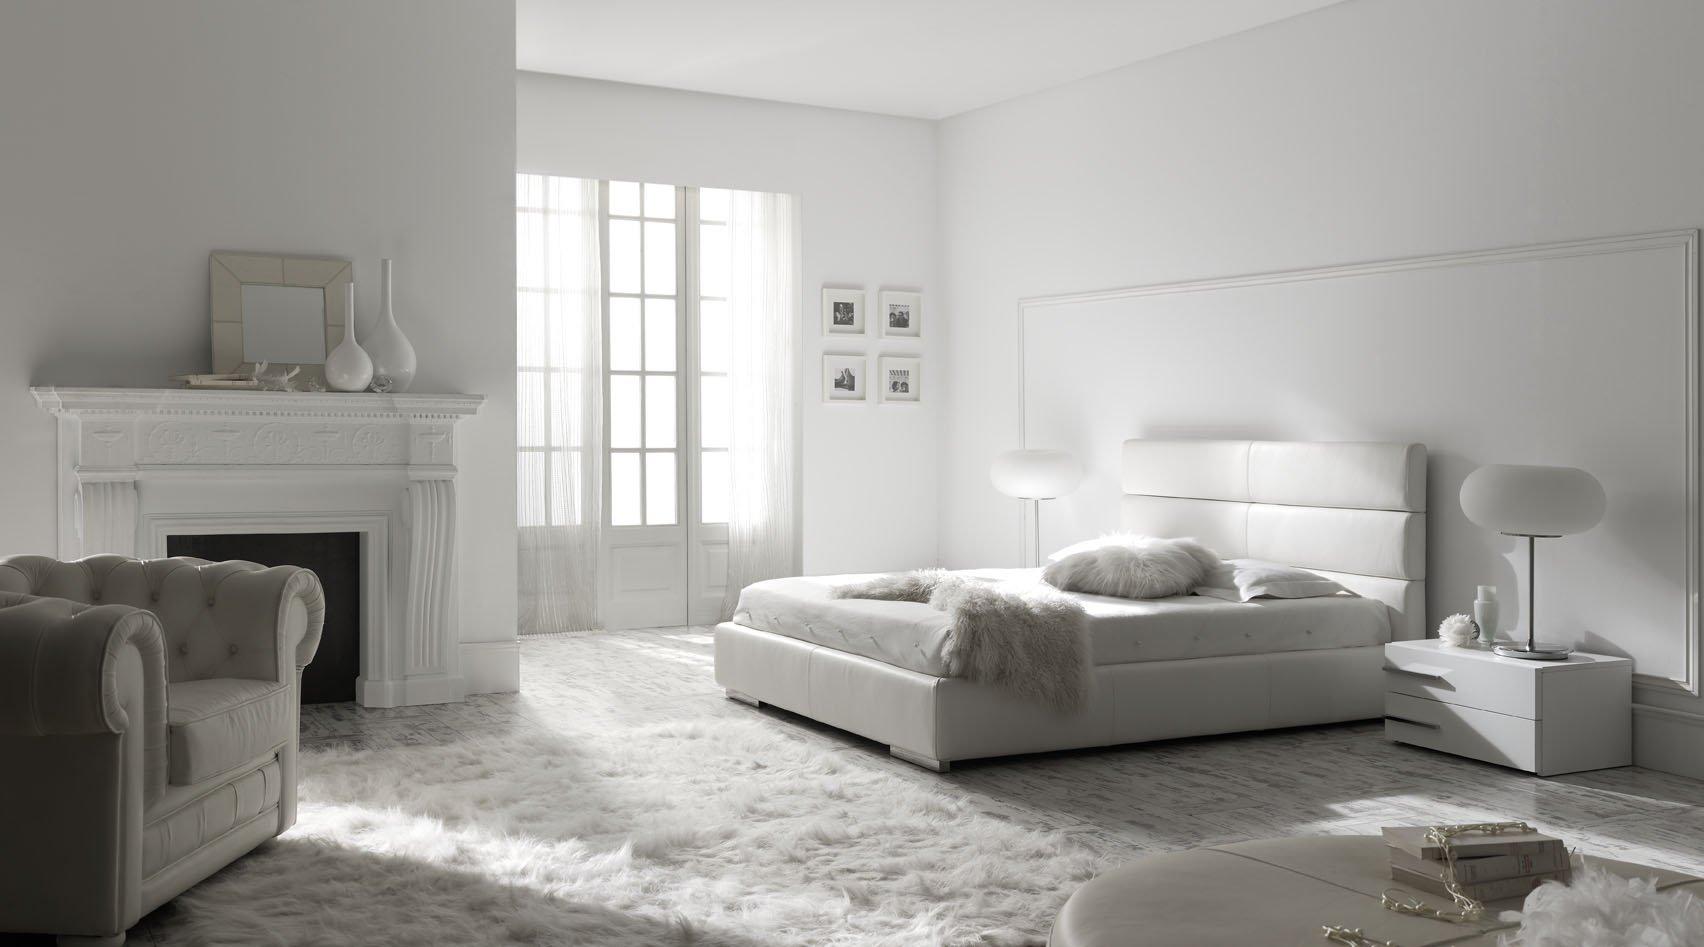 Fotos dormitorios blancos 2016 - Dormitorios en blanco y madera ...